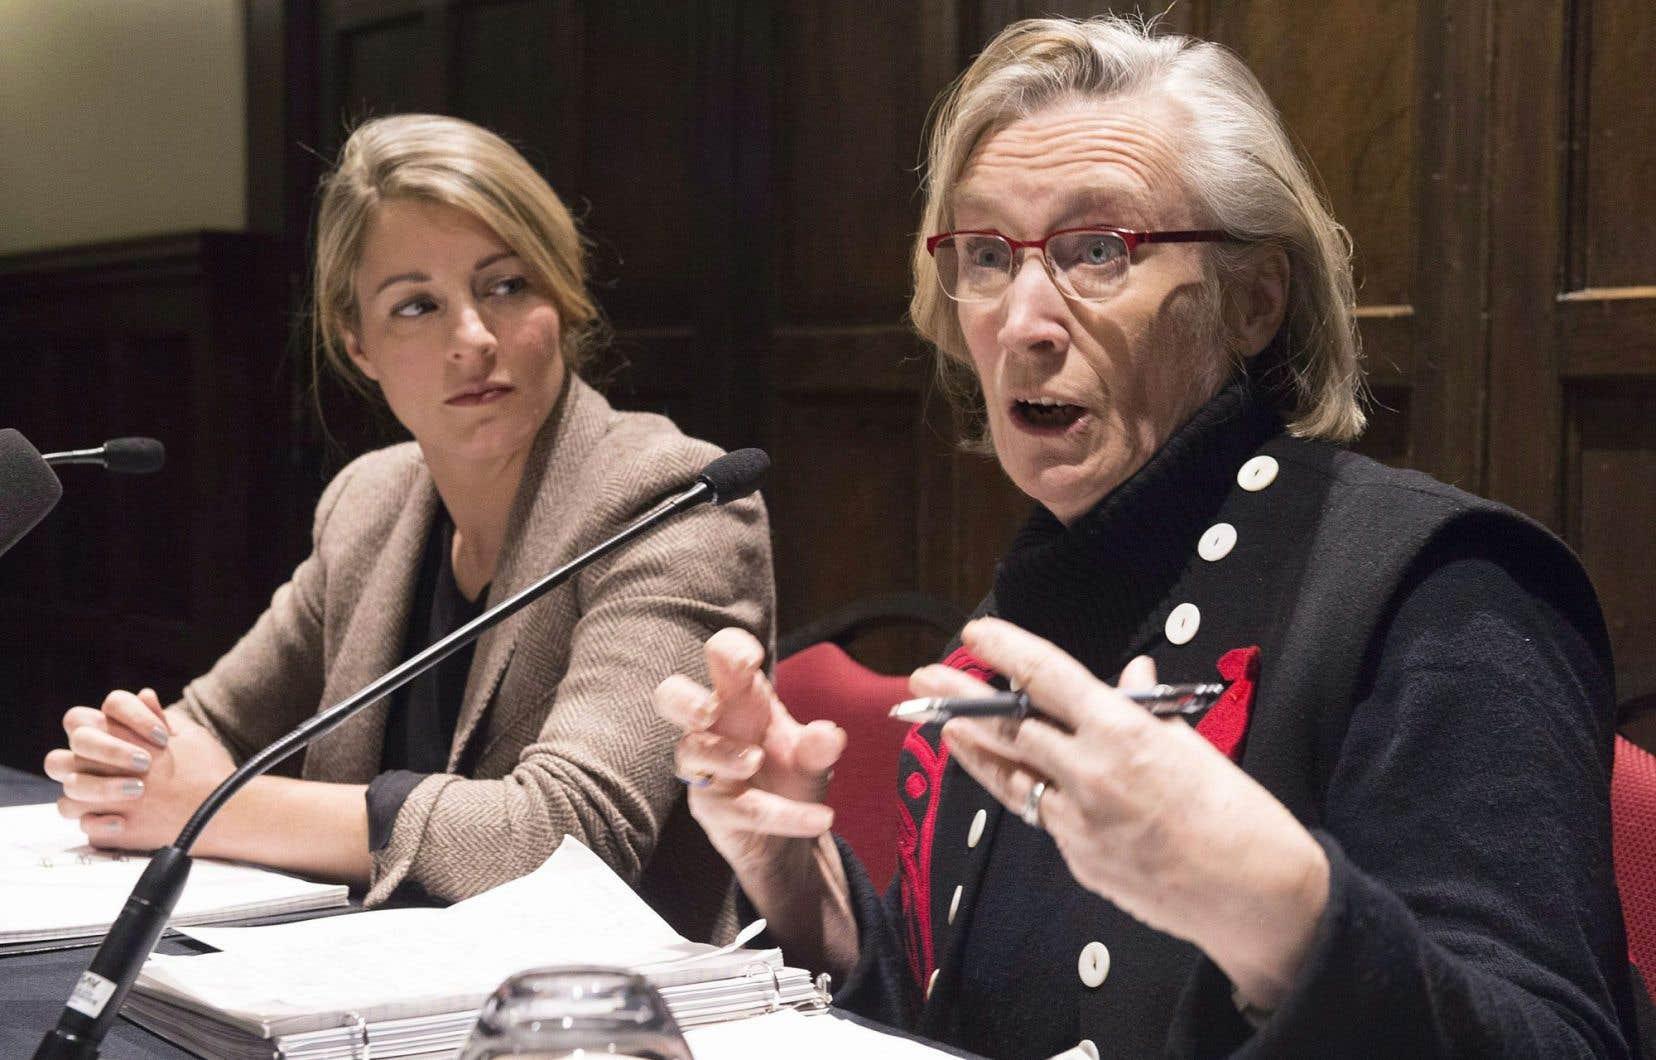 Les ministres du Patrimoine, Mélanie Joly, et des Affaires autochtones, Carolyn Bennett, étaient de passage à Québec jeudi dans le cadre d'une consultation sur les femmes autochtones.